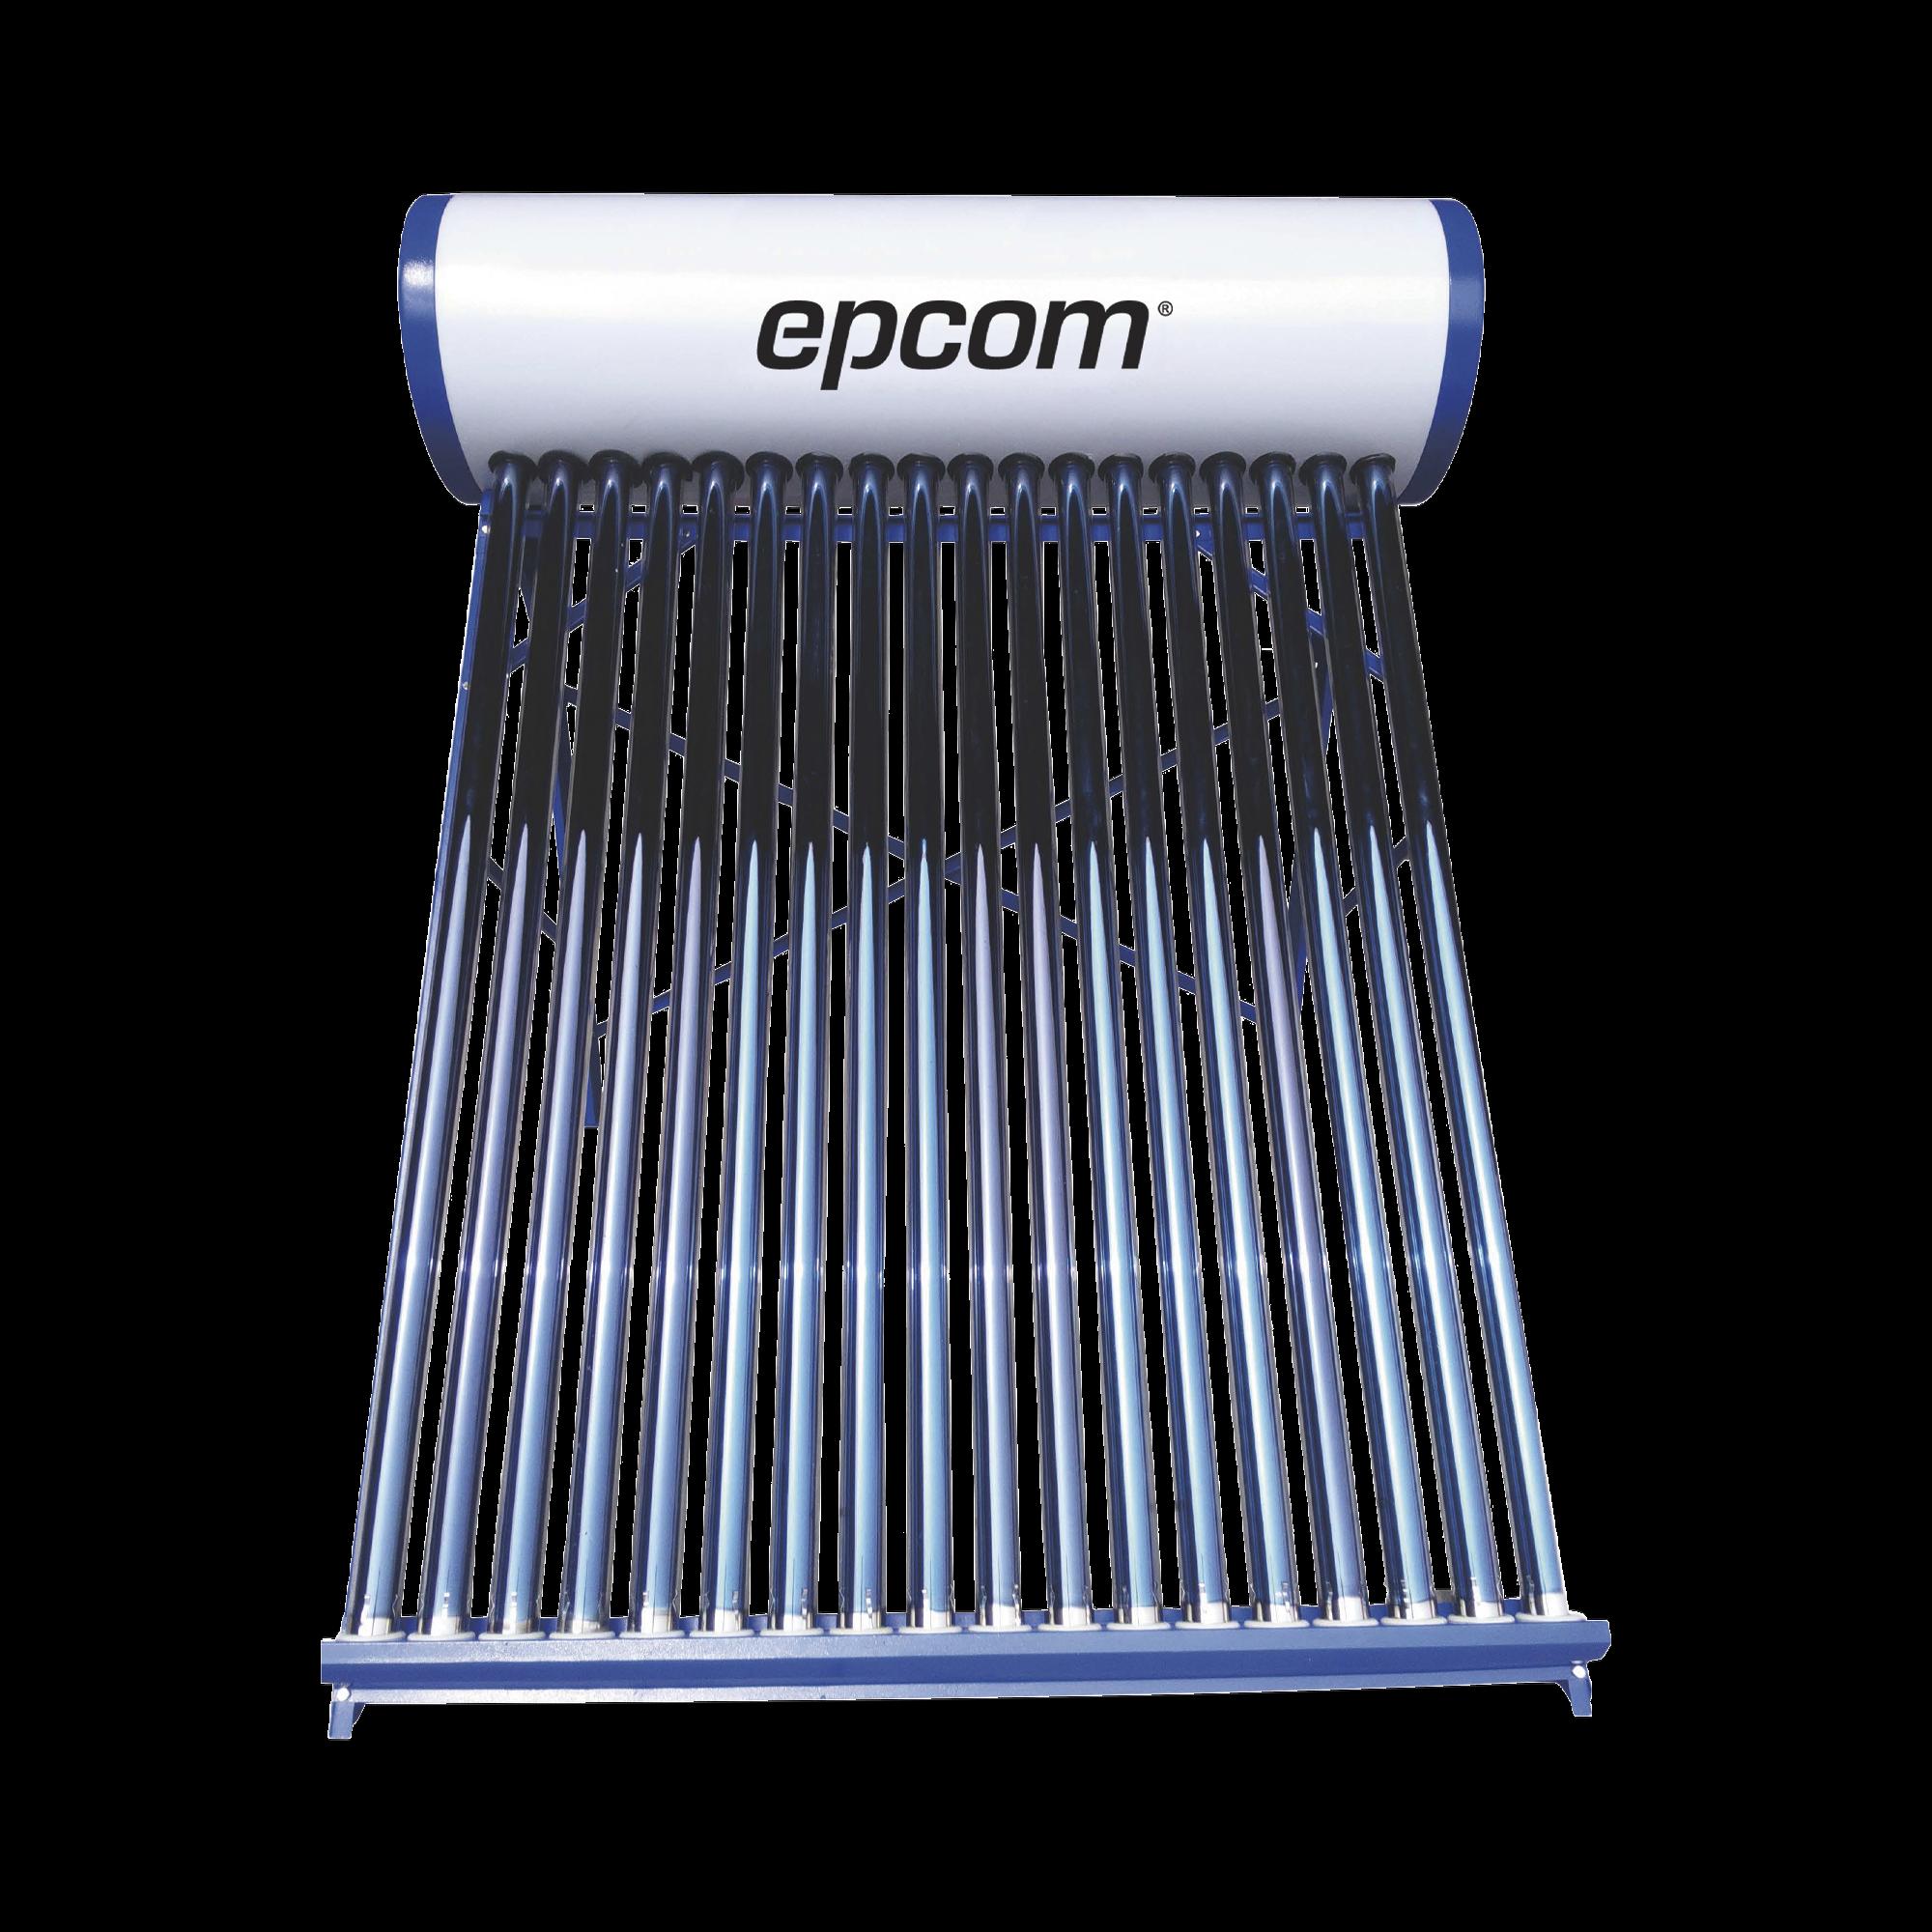 Bóiler Solar de Baja Presión con 18 Tubos de Vacío de 180 L Resistentes a Granizo de Hasta 25 mm/ l, Incluye Anodo de Magnesio